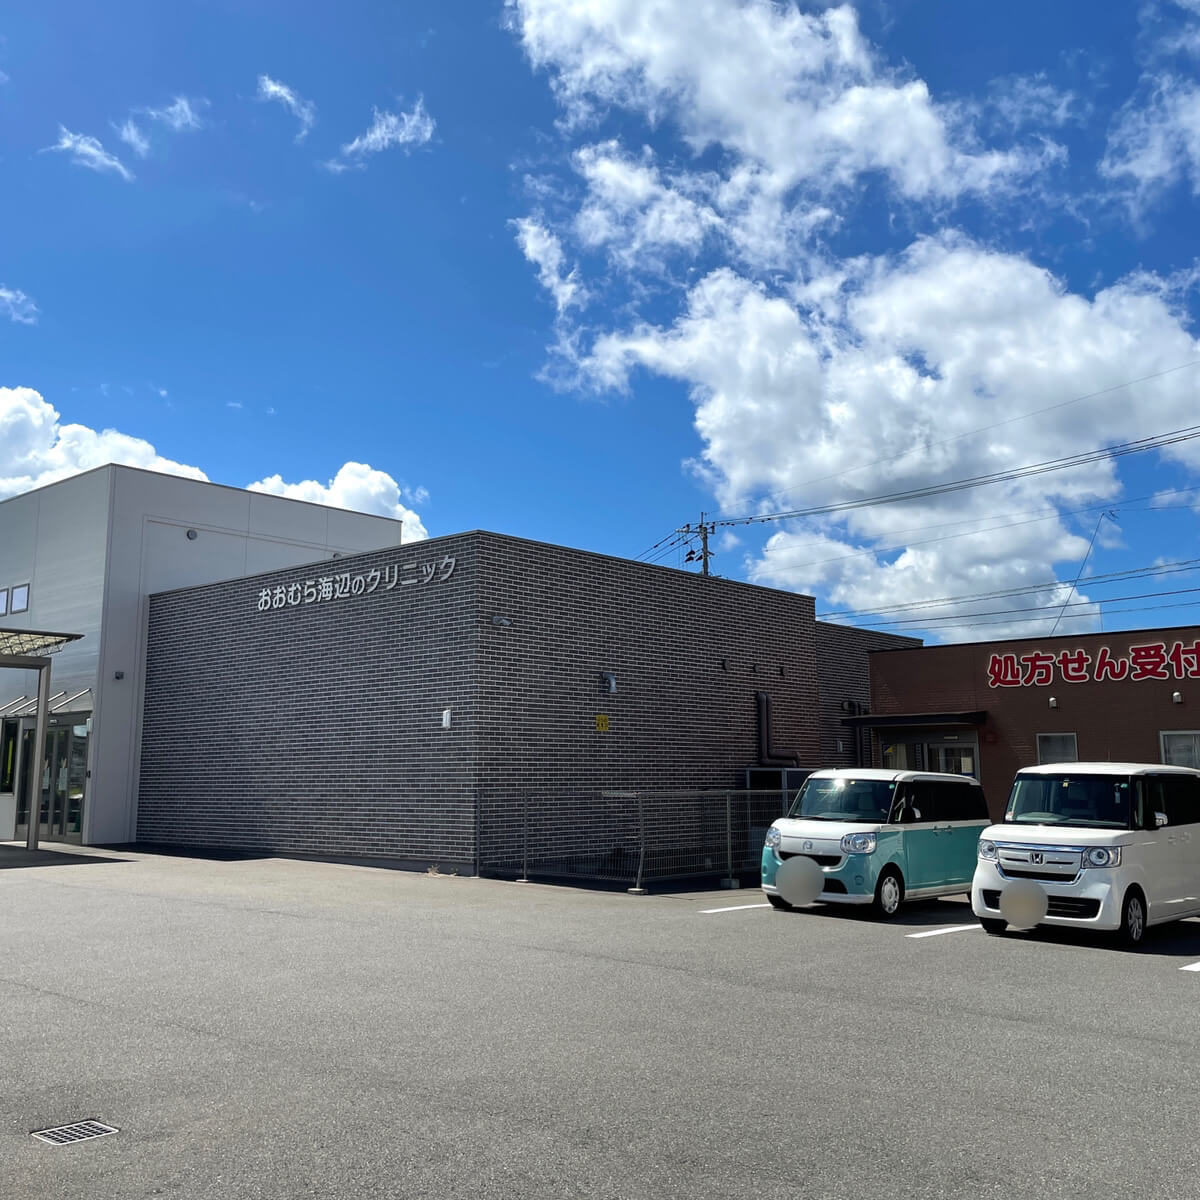 大村市新築建売住宅「OURS協和」周辺環境